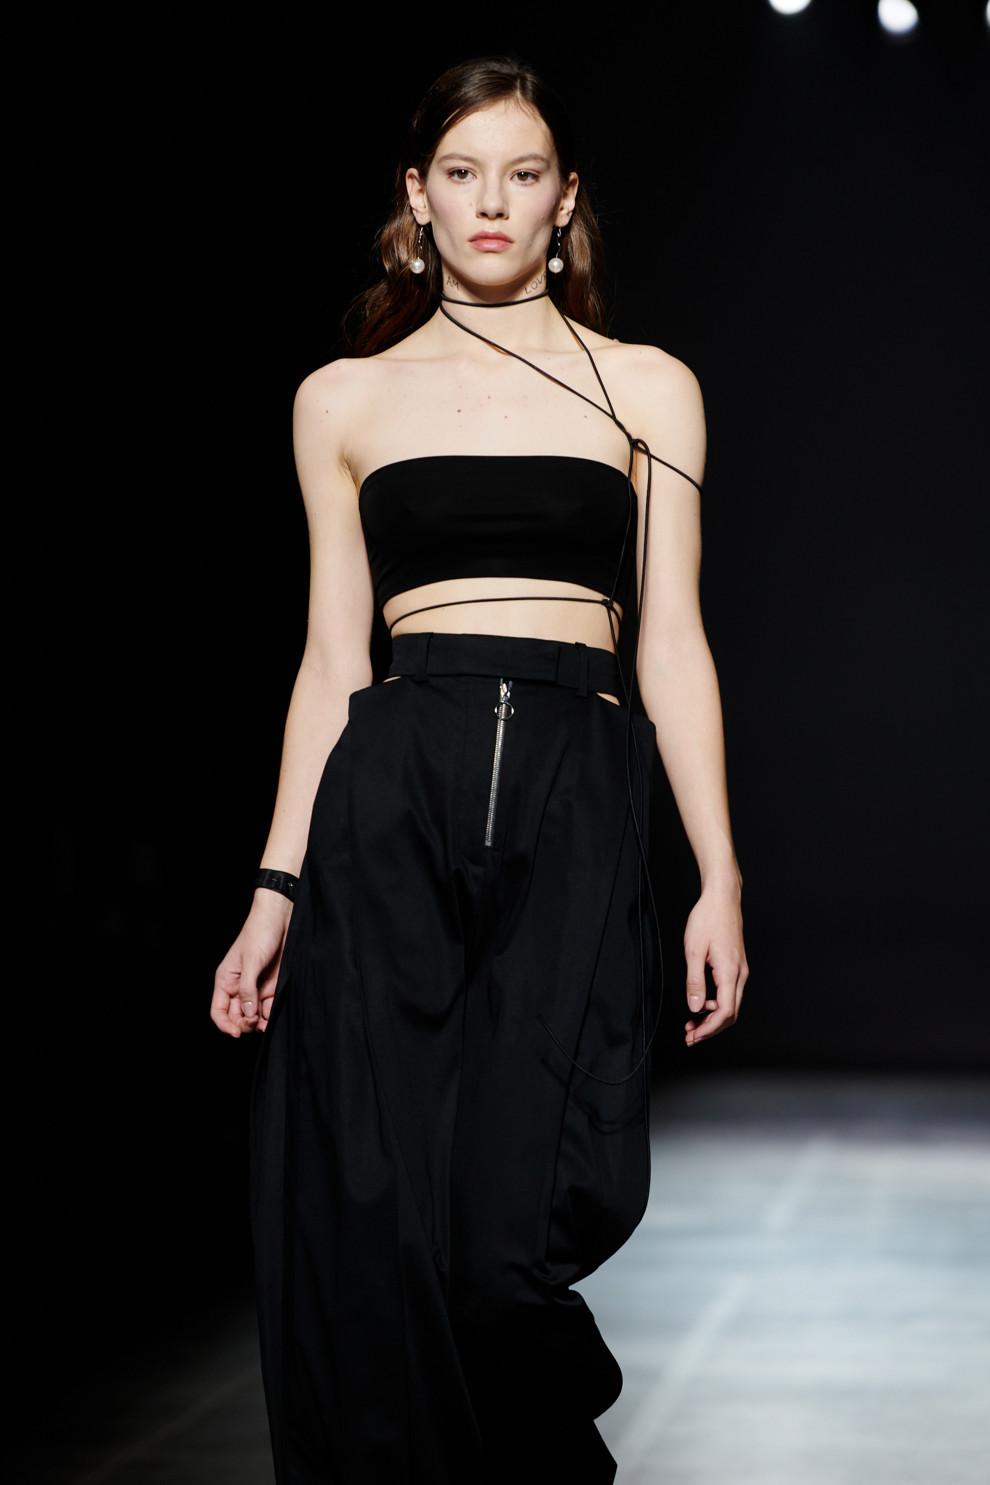 Образ дня: Надя Дорофеева в сексуальном наряде от украинского бренда Elena Burenina-Фото 1